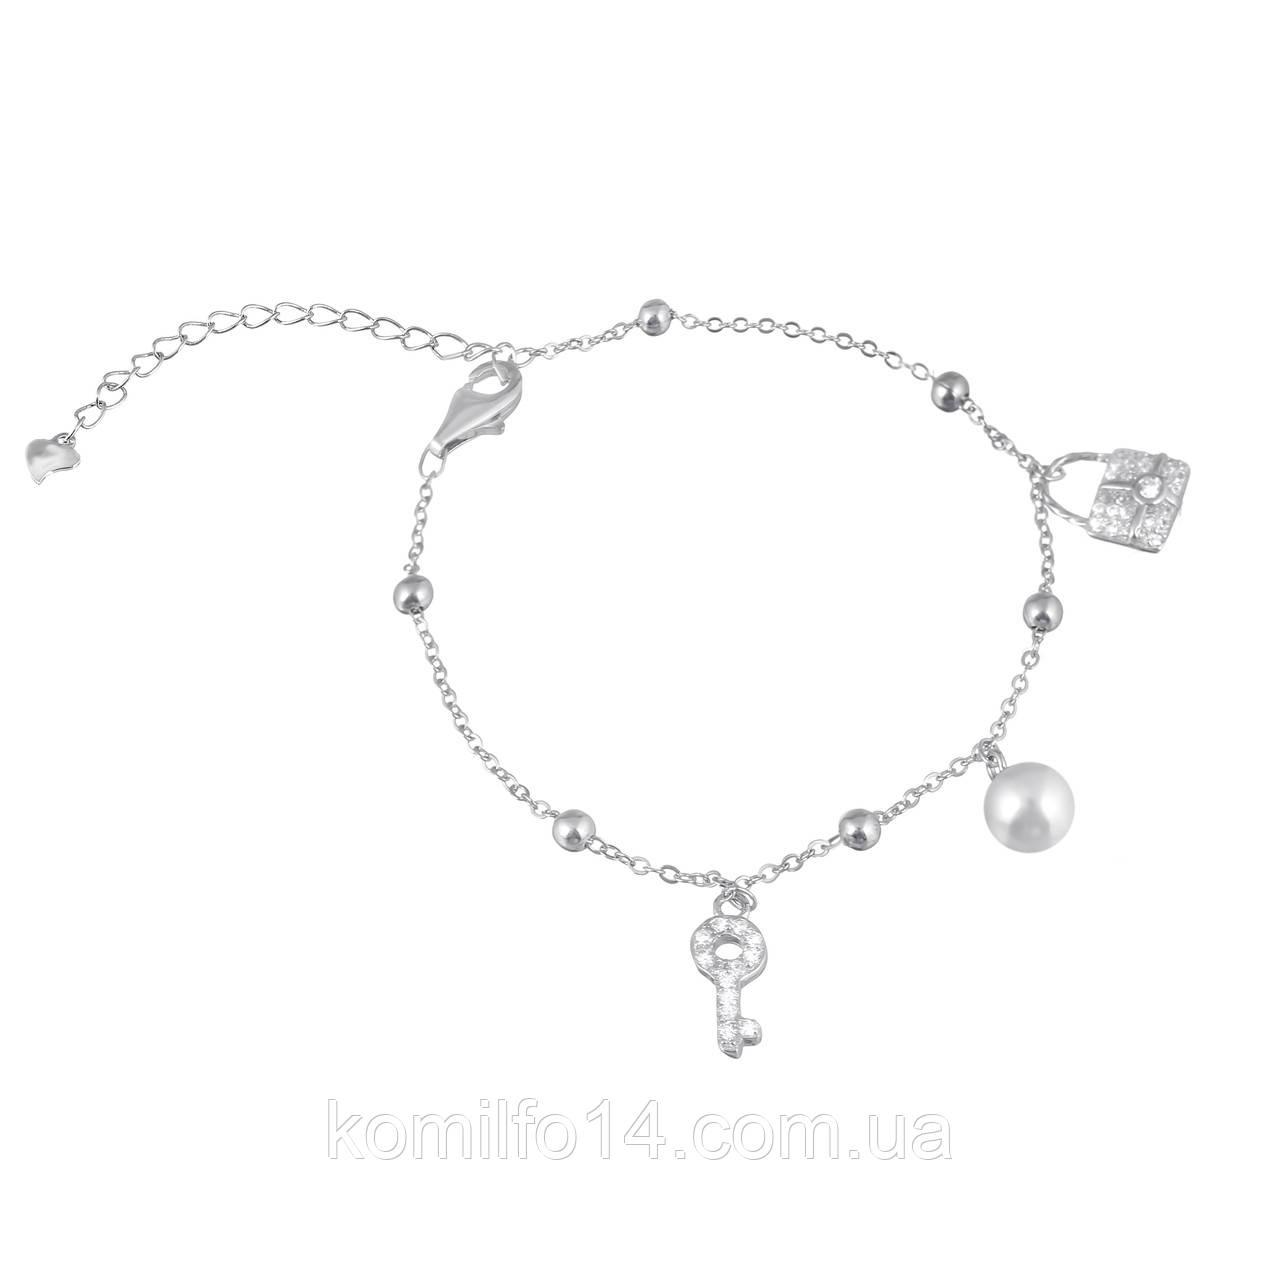 Женский серебряный браслет на ногу с подвесками